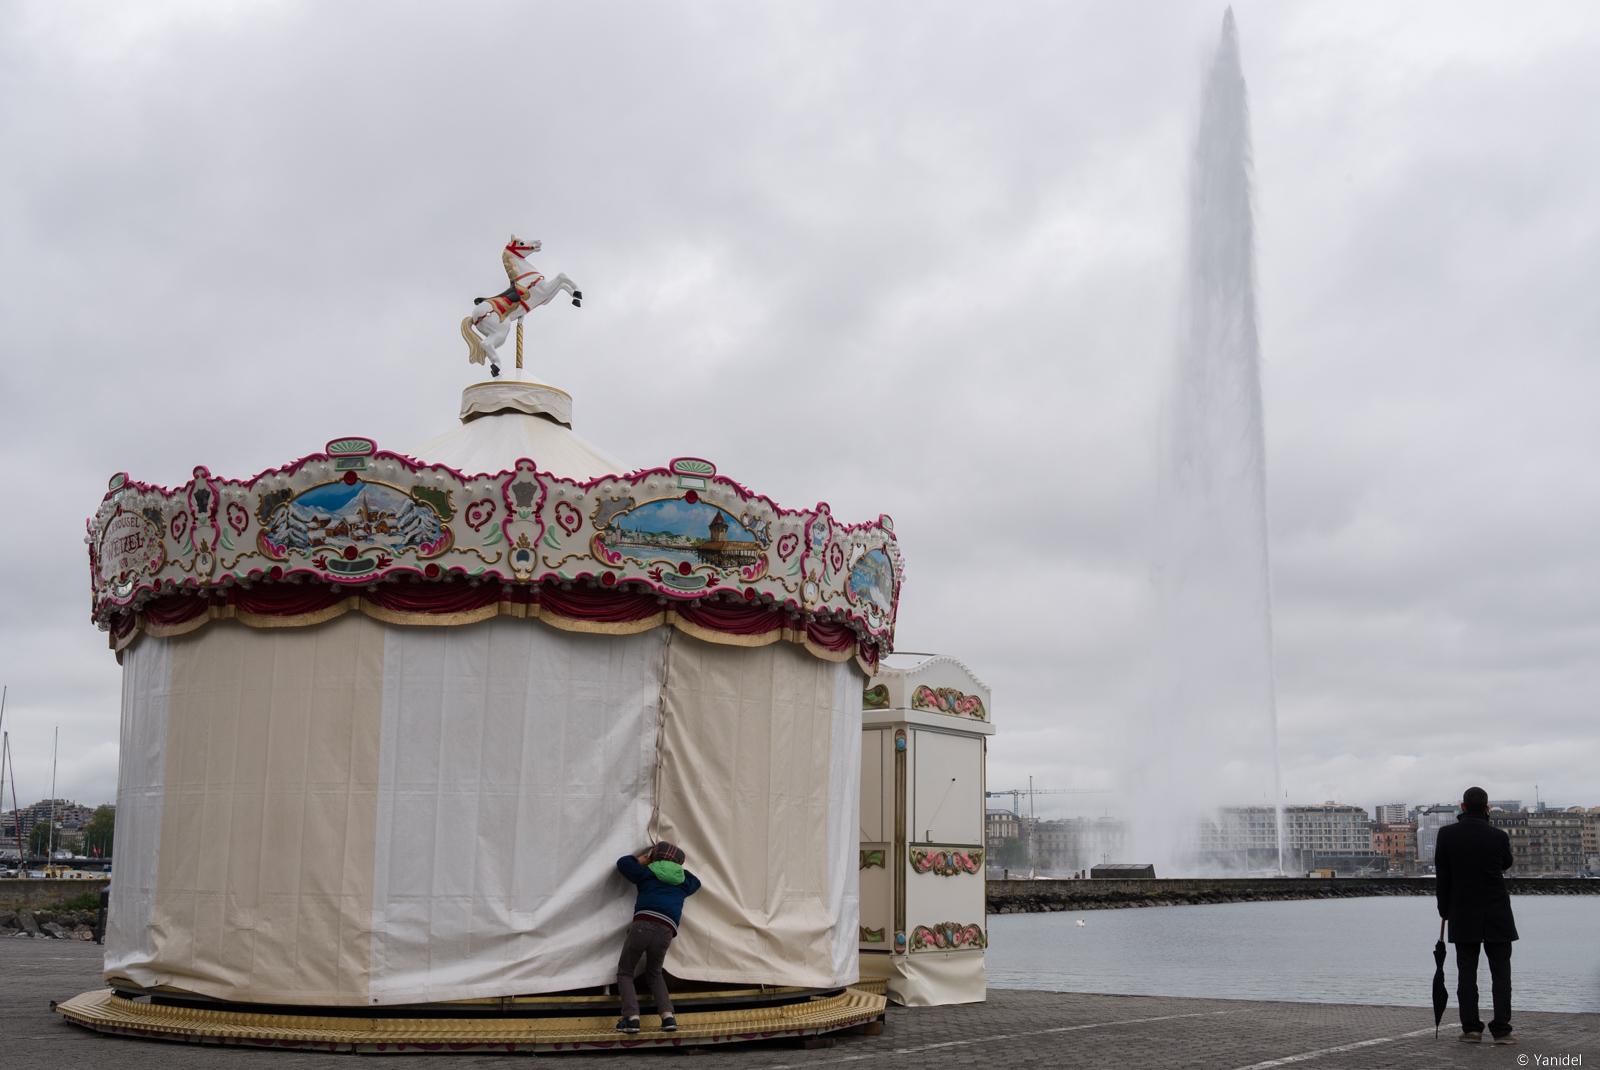 Merry go round in Geneva